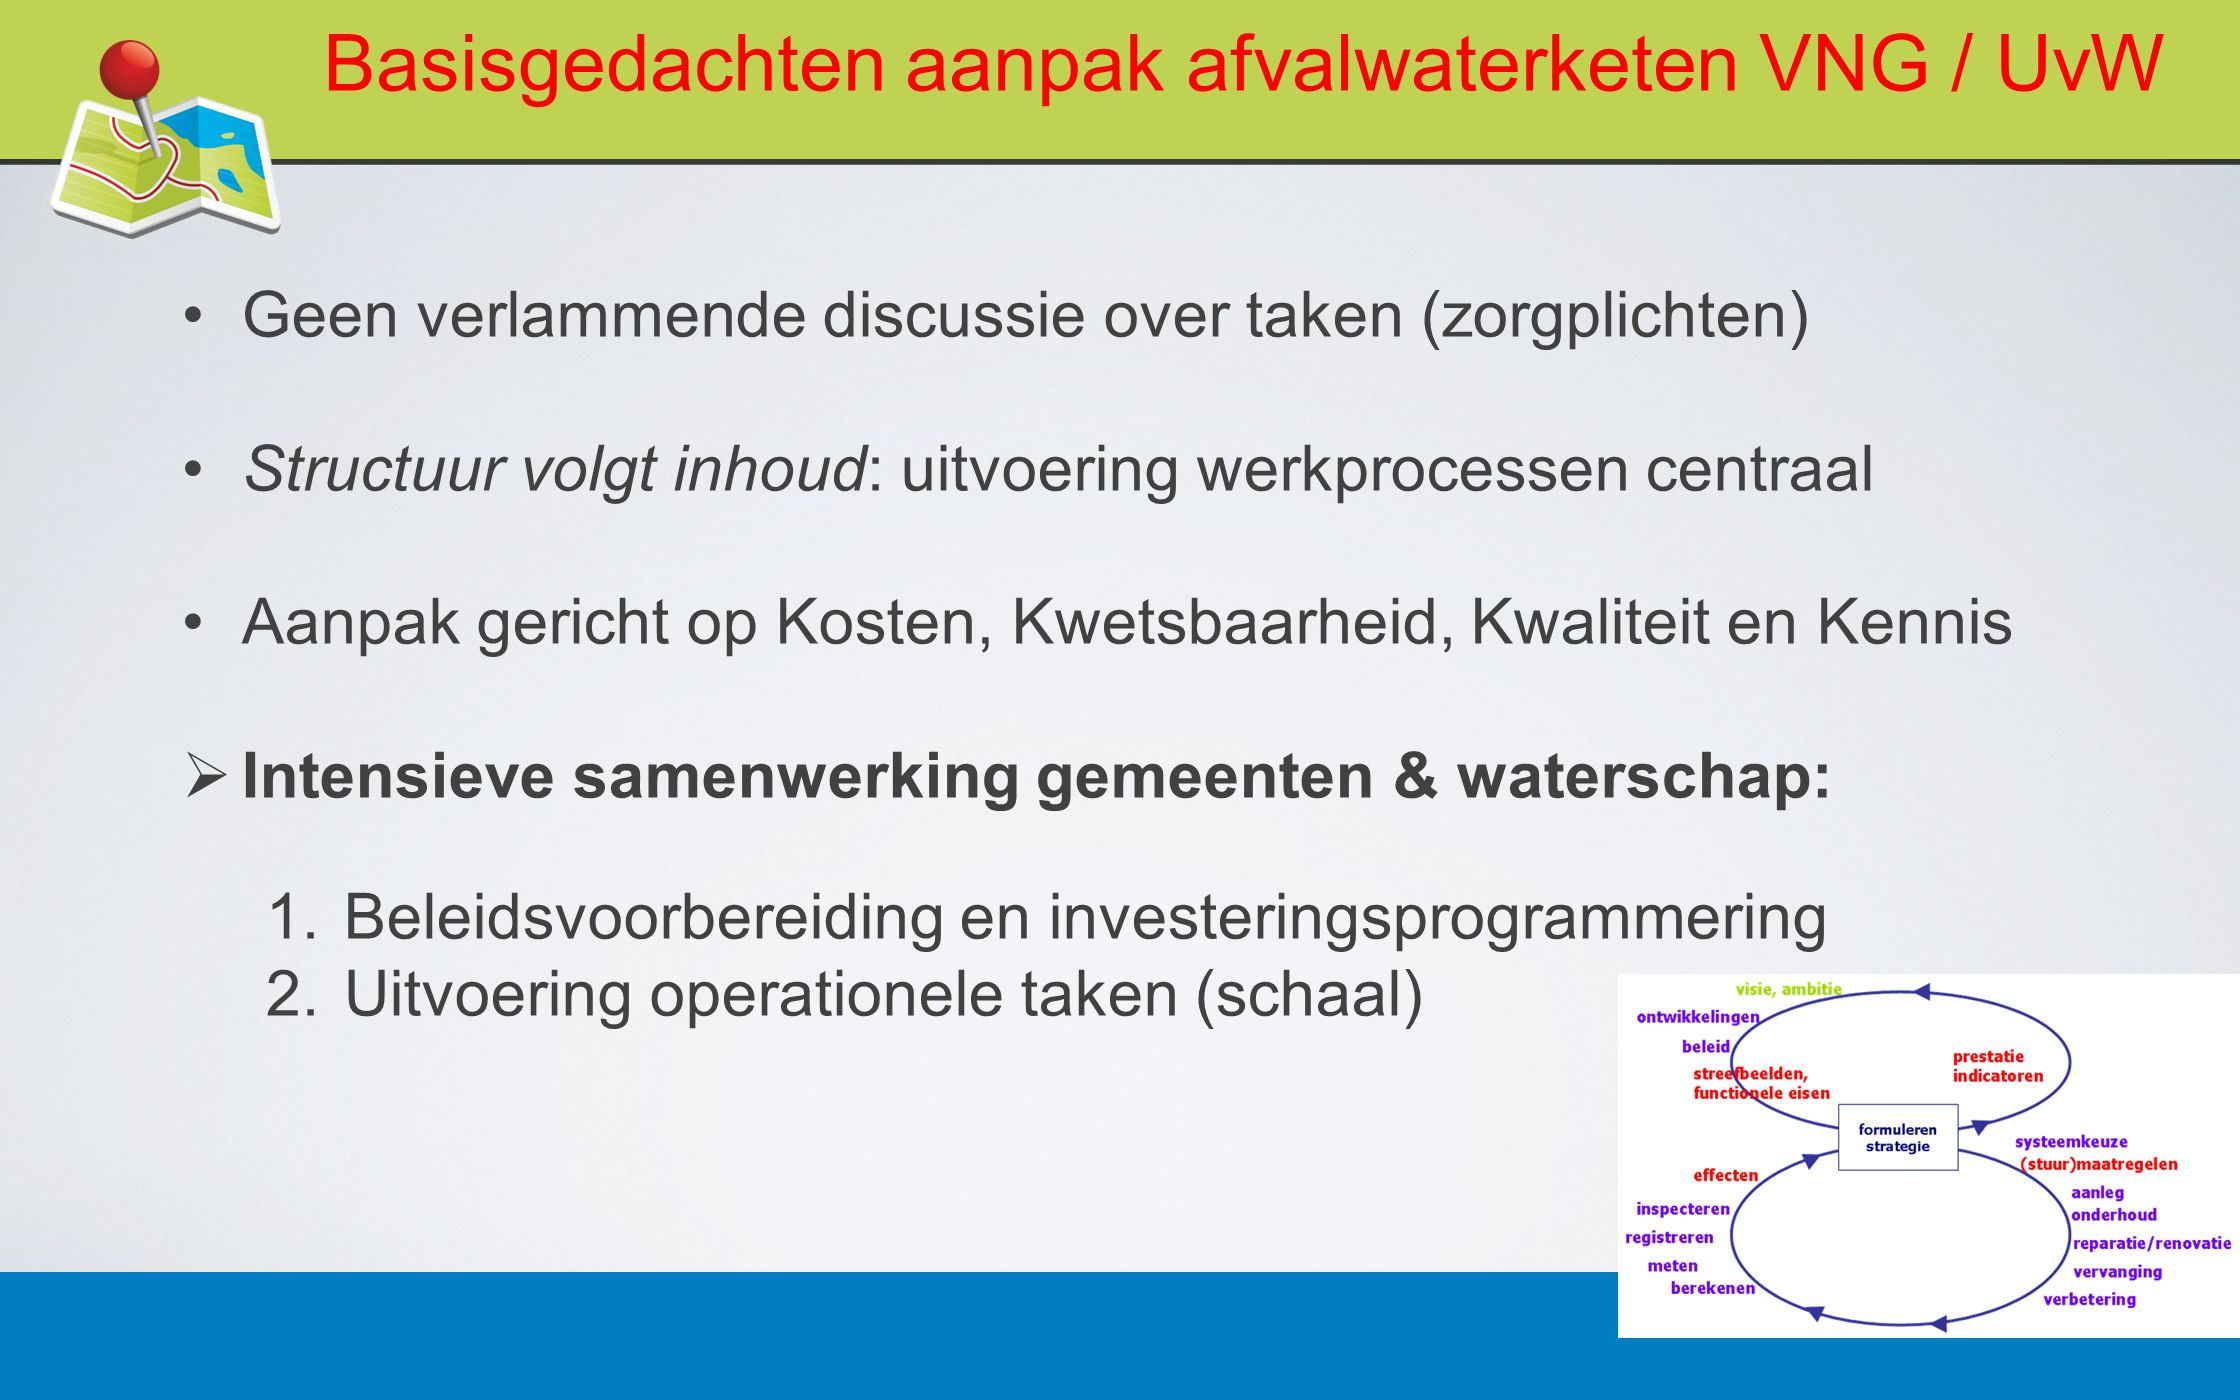 Basisgedachten aanpak afvalwaterketen VNG / UvW